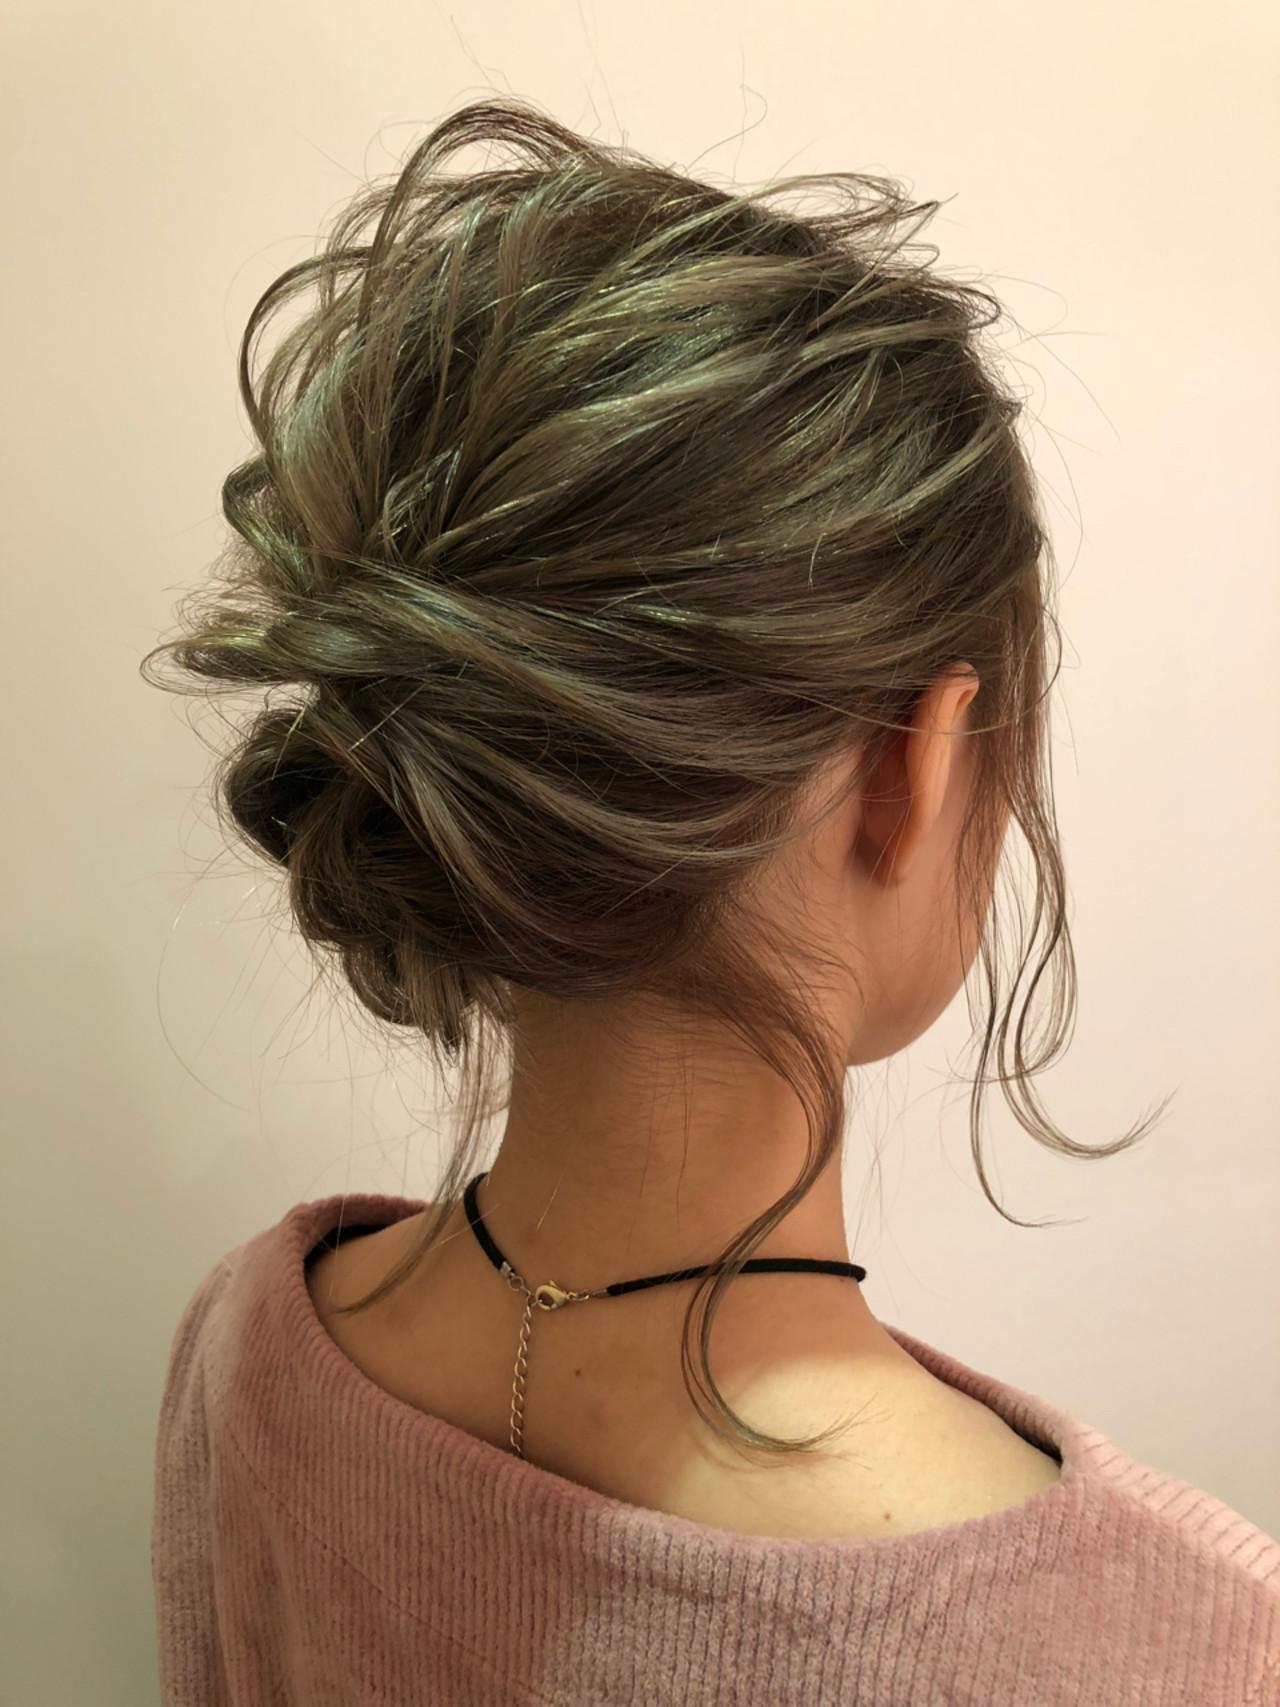 ミディアムヘアの無造作まとめ髪ヘアアレンジ 北里和哉